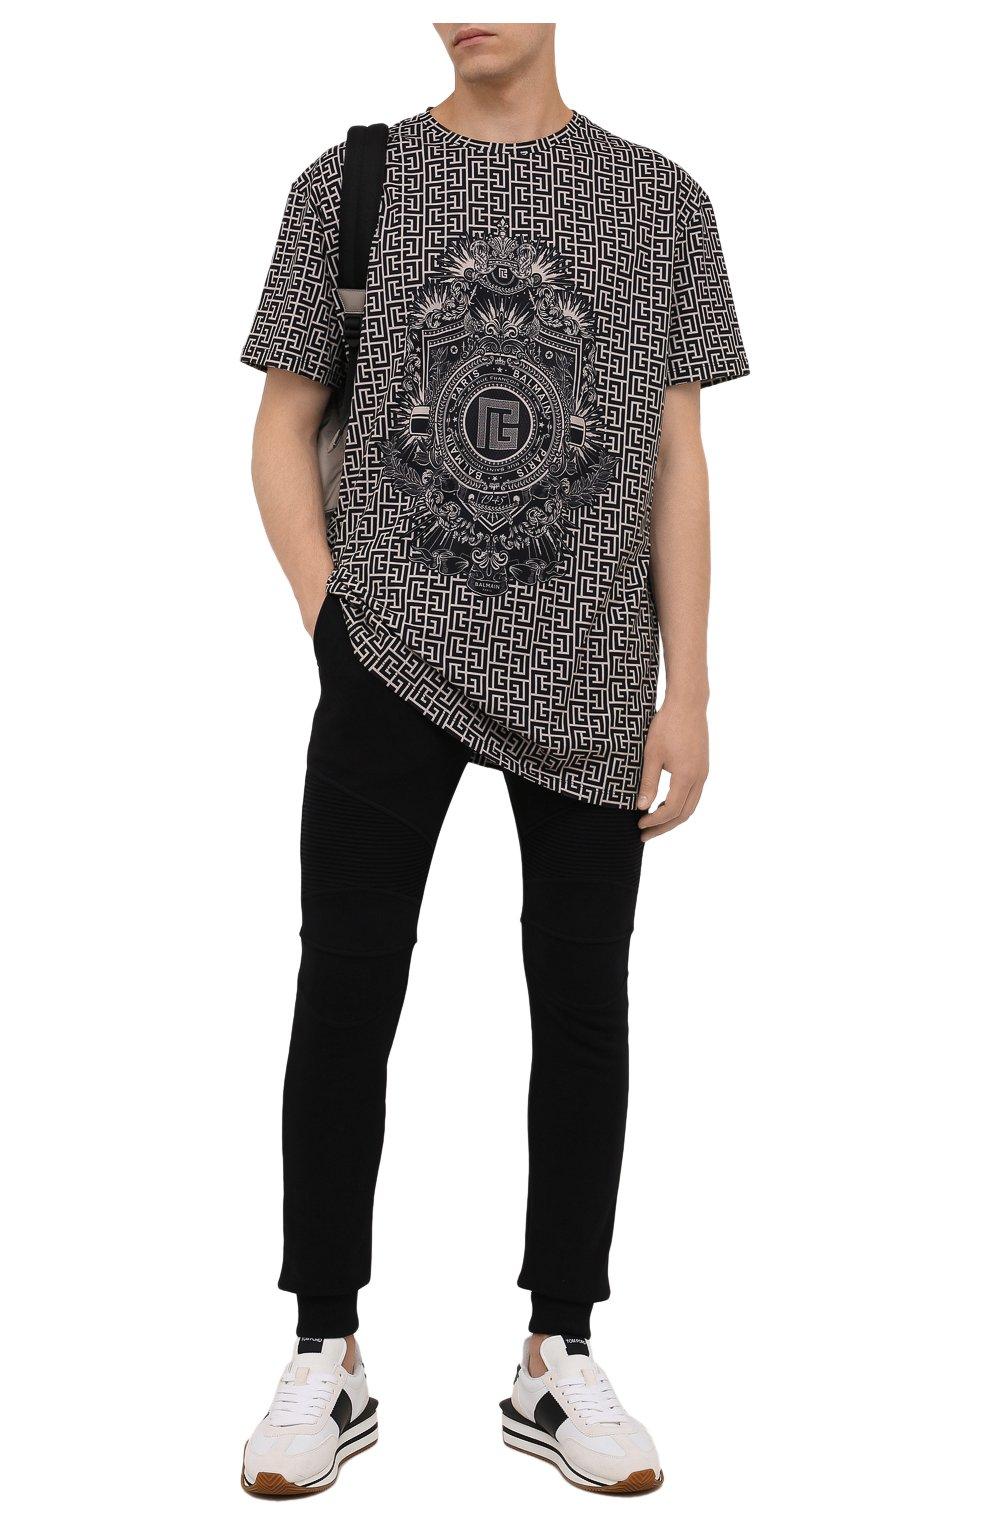 Мужские хлопковые джоггеры BALMAIN черного цвета, арт. WH10B000/B115   Фото 2 (Мужское Кросс-КТ: Брюки-трикотаж; Длина (брюки, джинсы): Стандартные; Материал внешний: Хлопок; Стили: Спорт-шик; Силуэт М (брюки): Джоггеры)